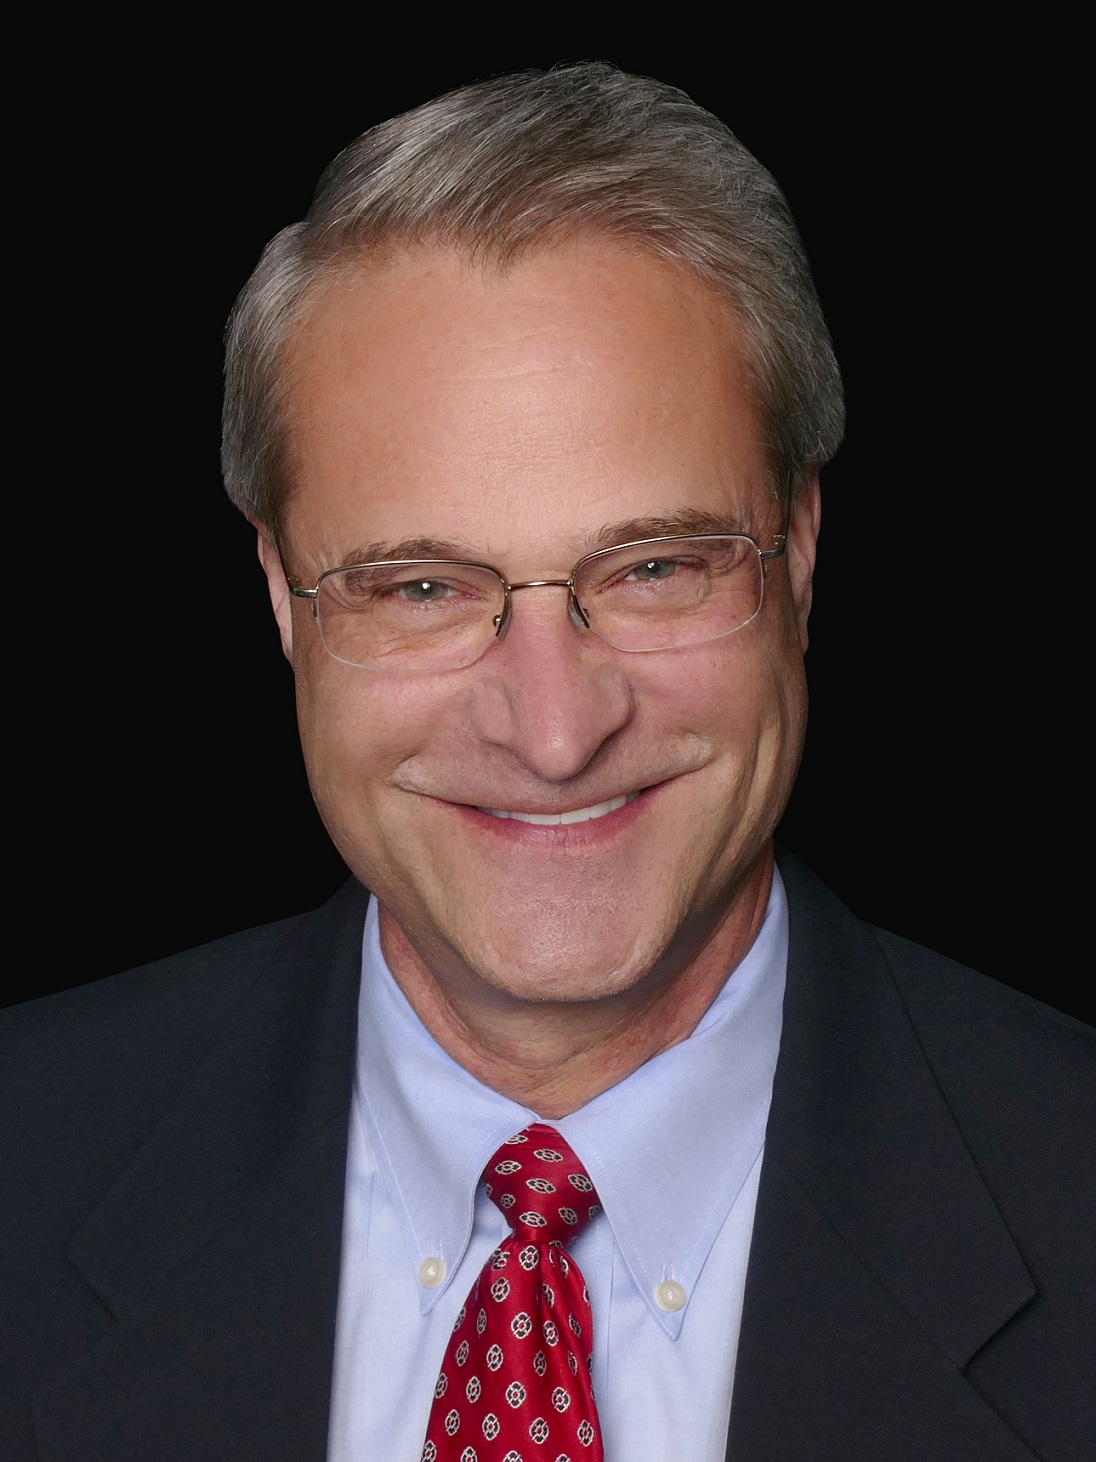 Stephen Rottler